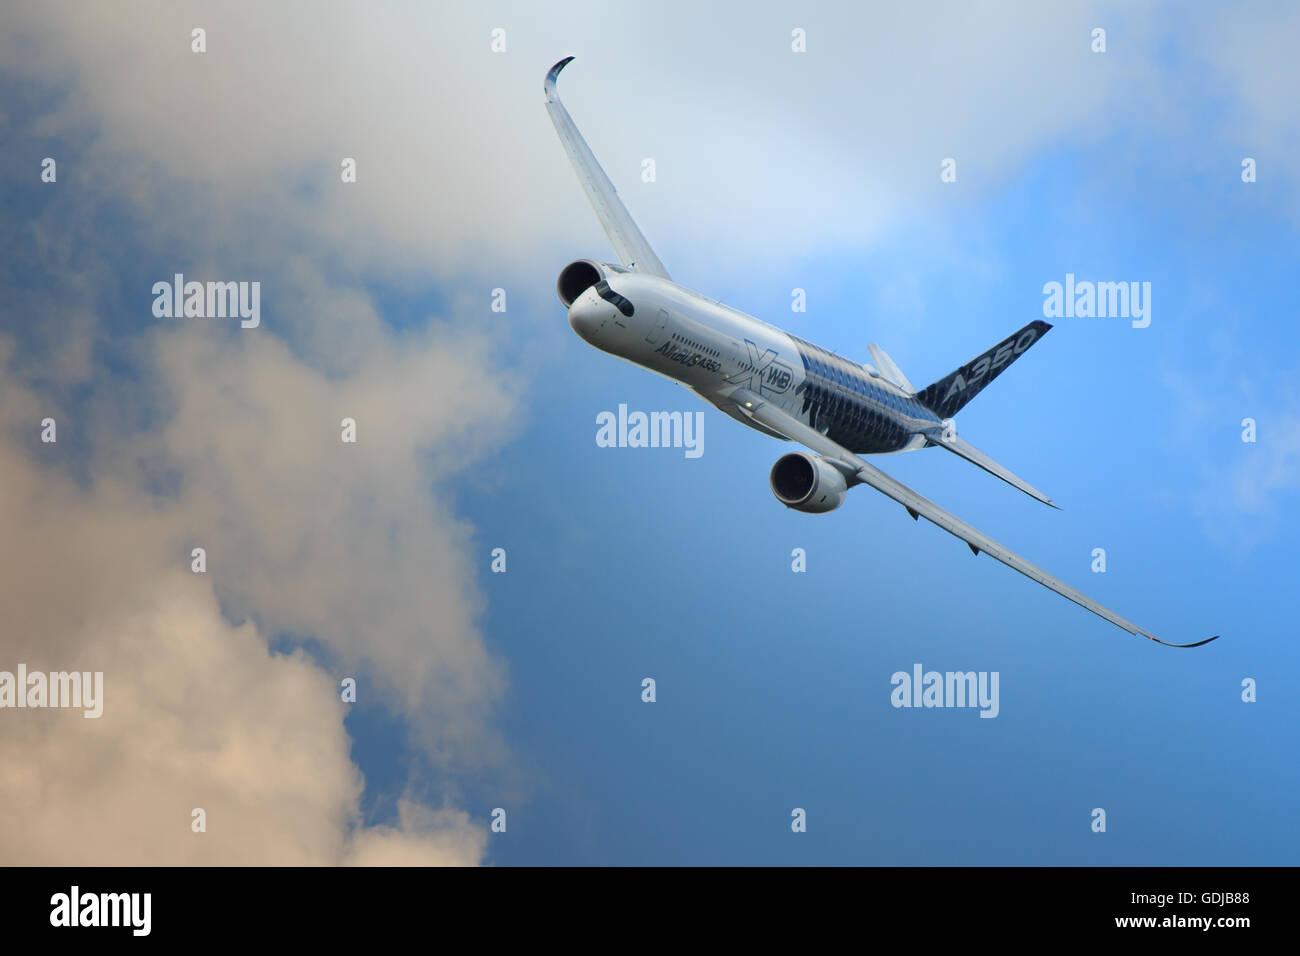 Elegant Airbus A350 in flight - Stock Image